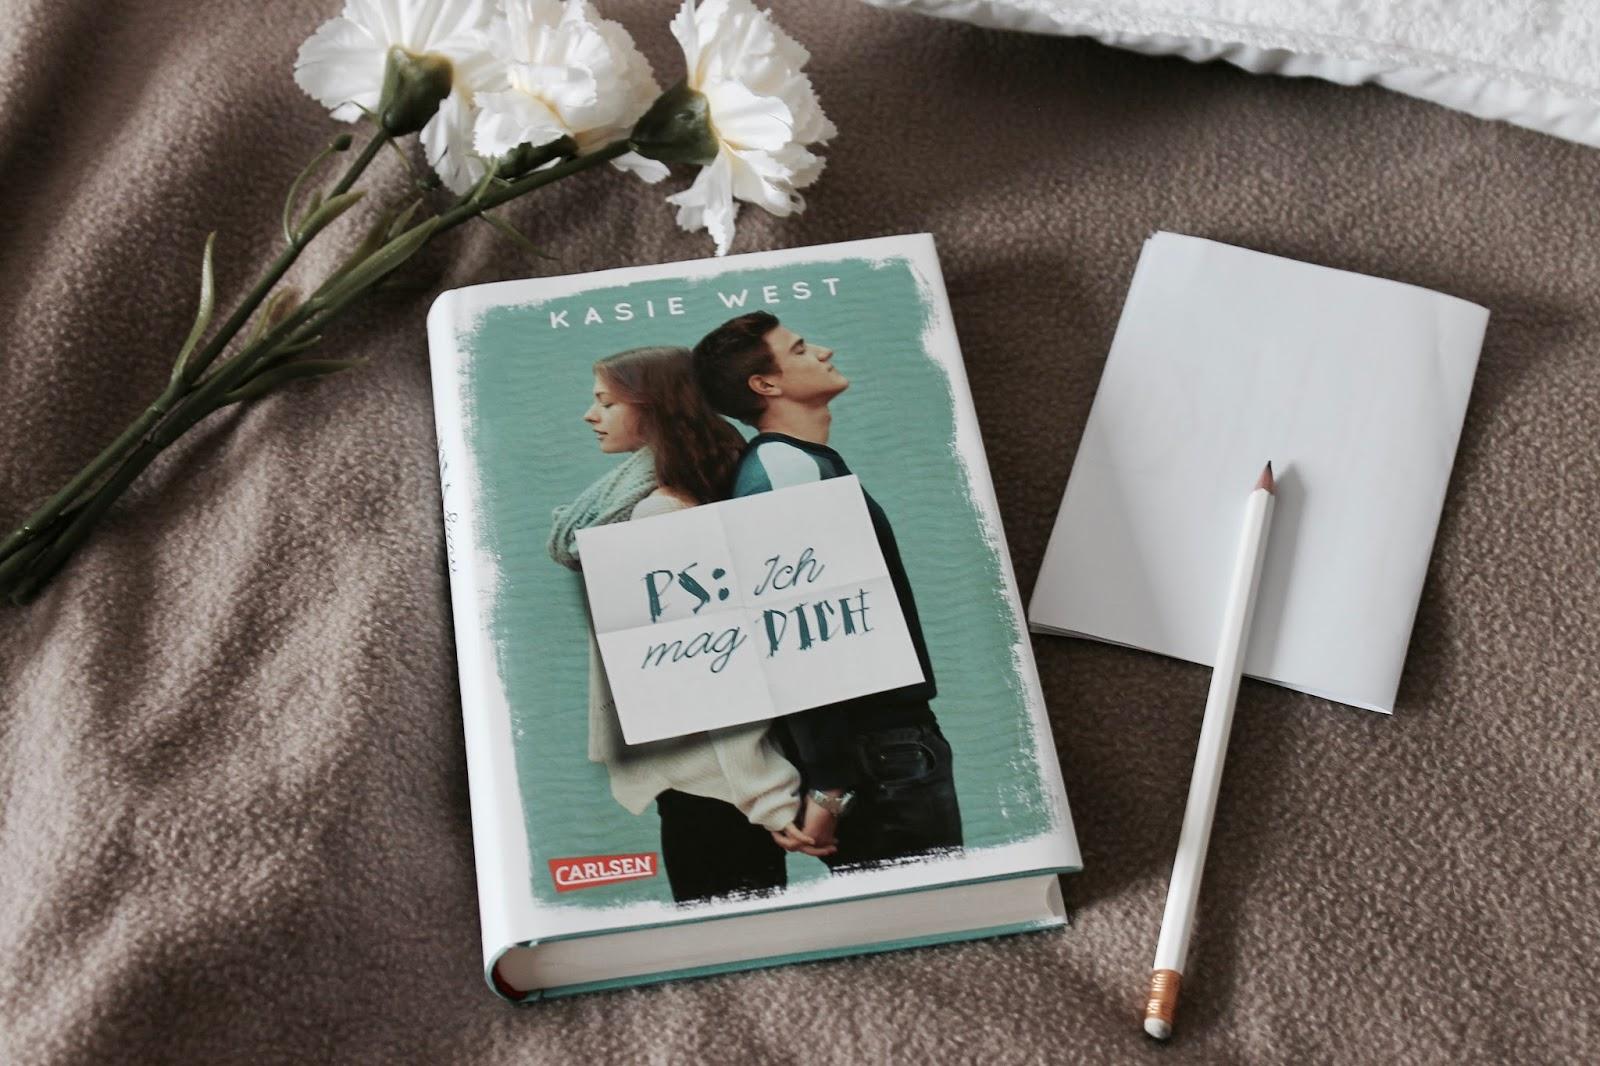 P.S. Ich mag dich von Kasie West | Miss Paperback